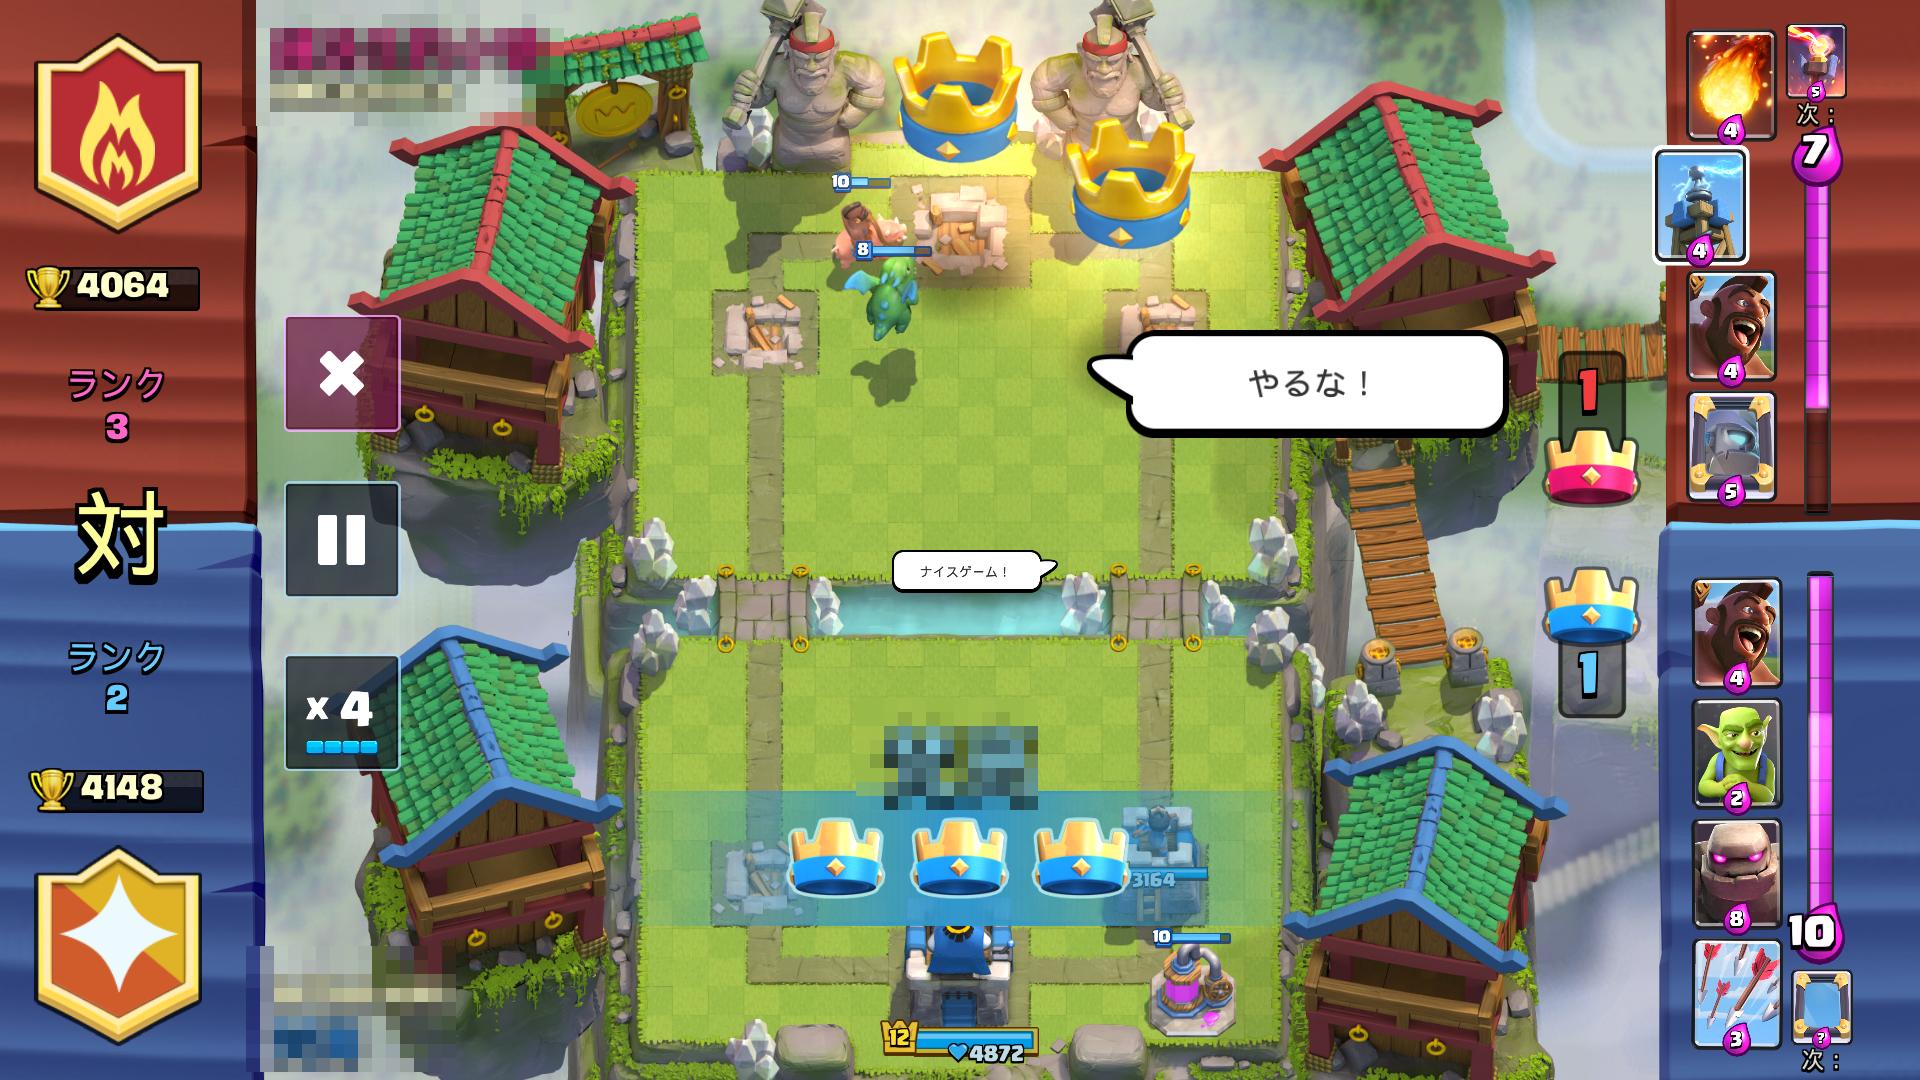 androidアプリ クラッシュ・ロワイヤル(クラロワ)攻略スクリーンショット7